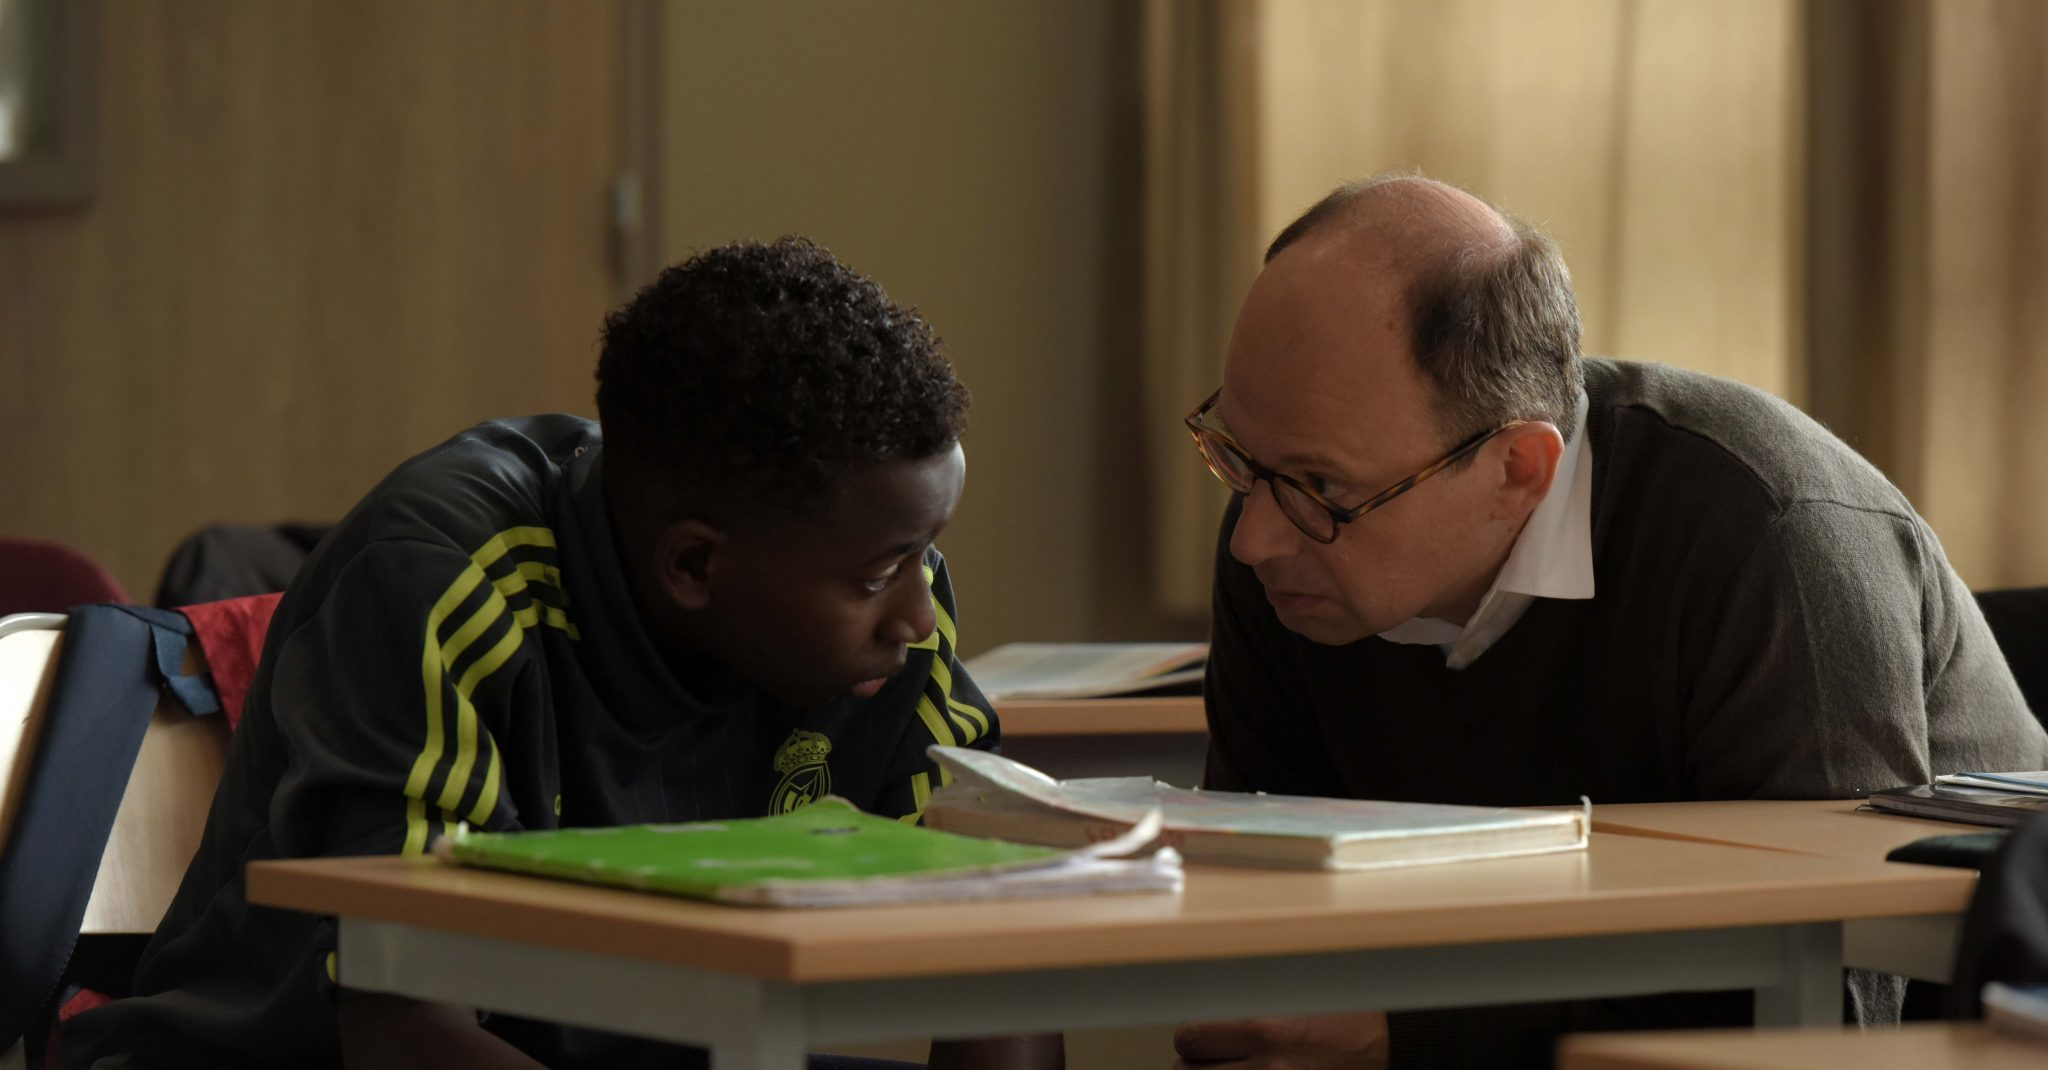 Cena de O Melhor Professor da Minha Vida, em que o professor Foucault e o aluno Seydou tentam se entender em uma conversa mais intimista.